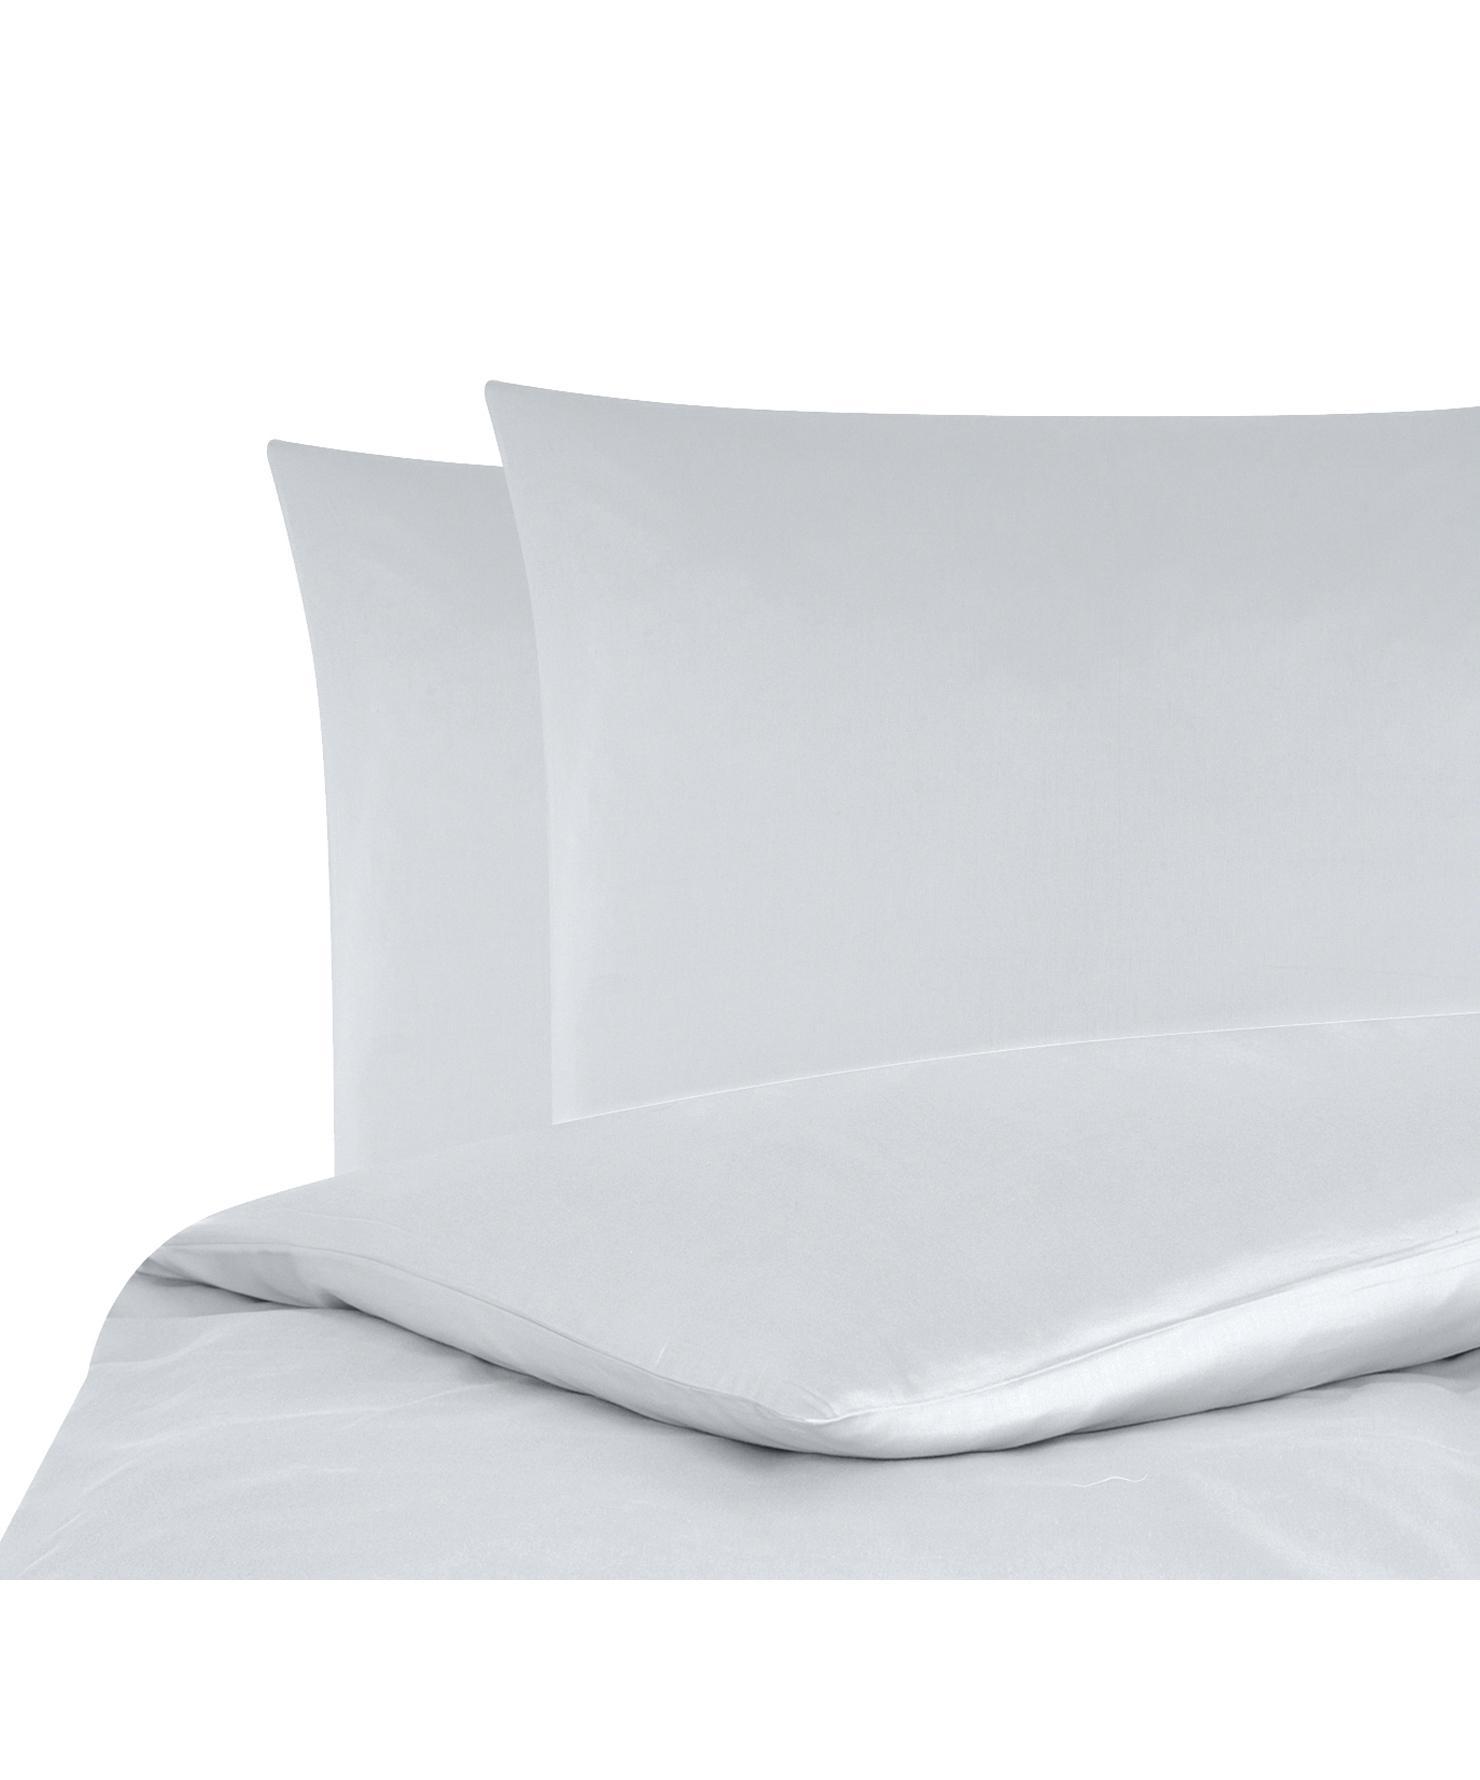 Baumwollsatin-Bettwäsche Comfort in Hellgrau, Webart: Satin Fadendichte 250 TC,, Hellgrau, 240 x 220 cm + 2 Kissen 80 x 80 cm